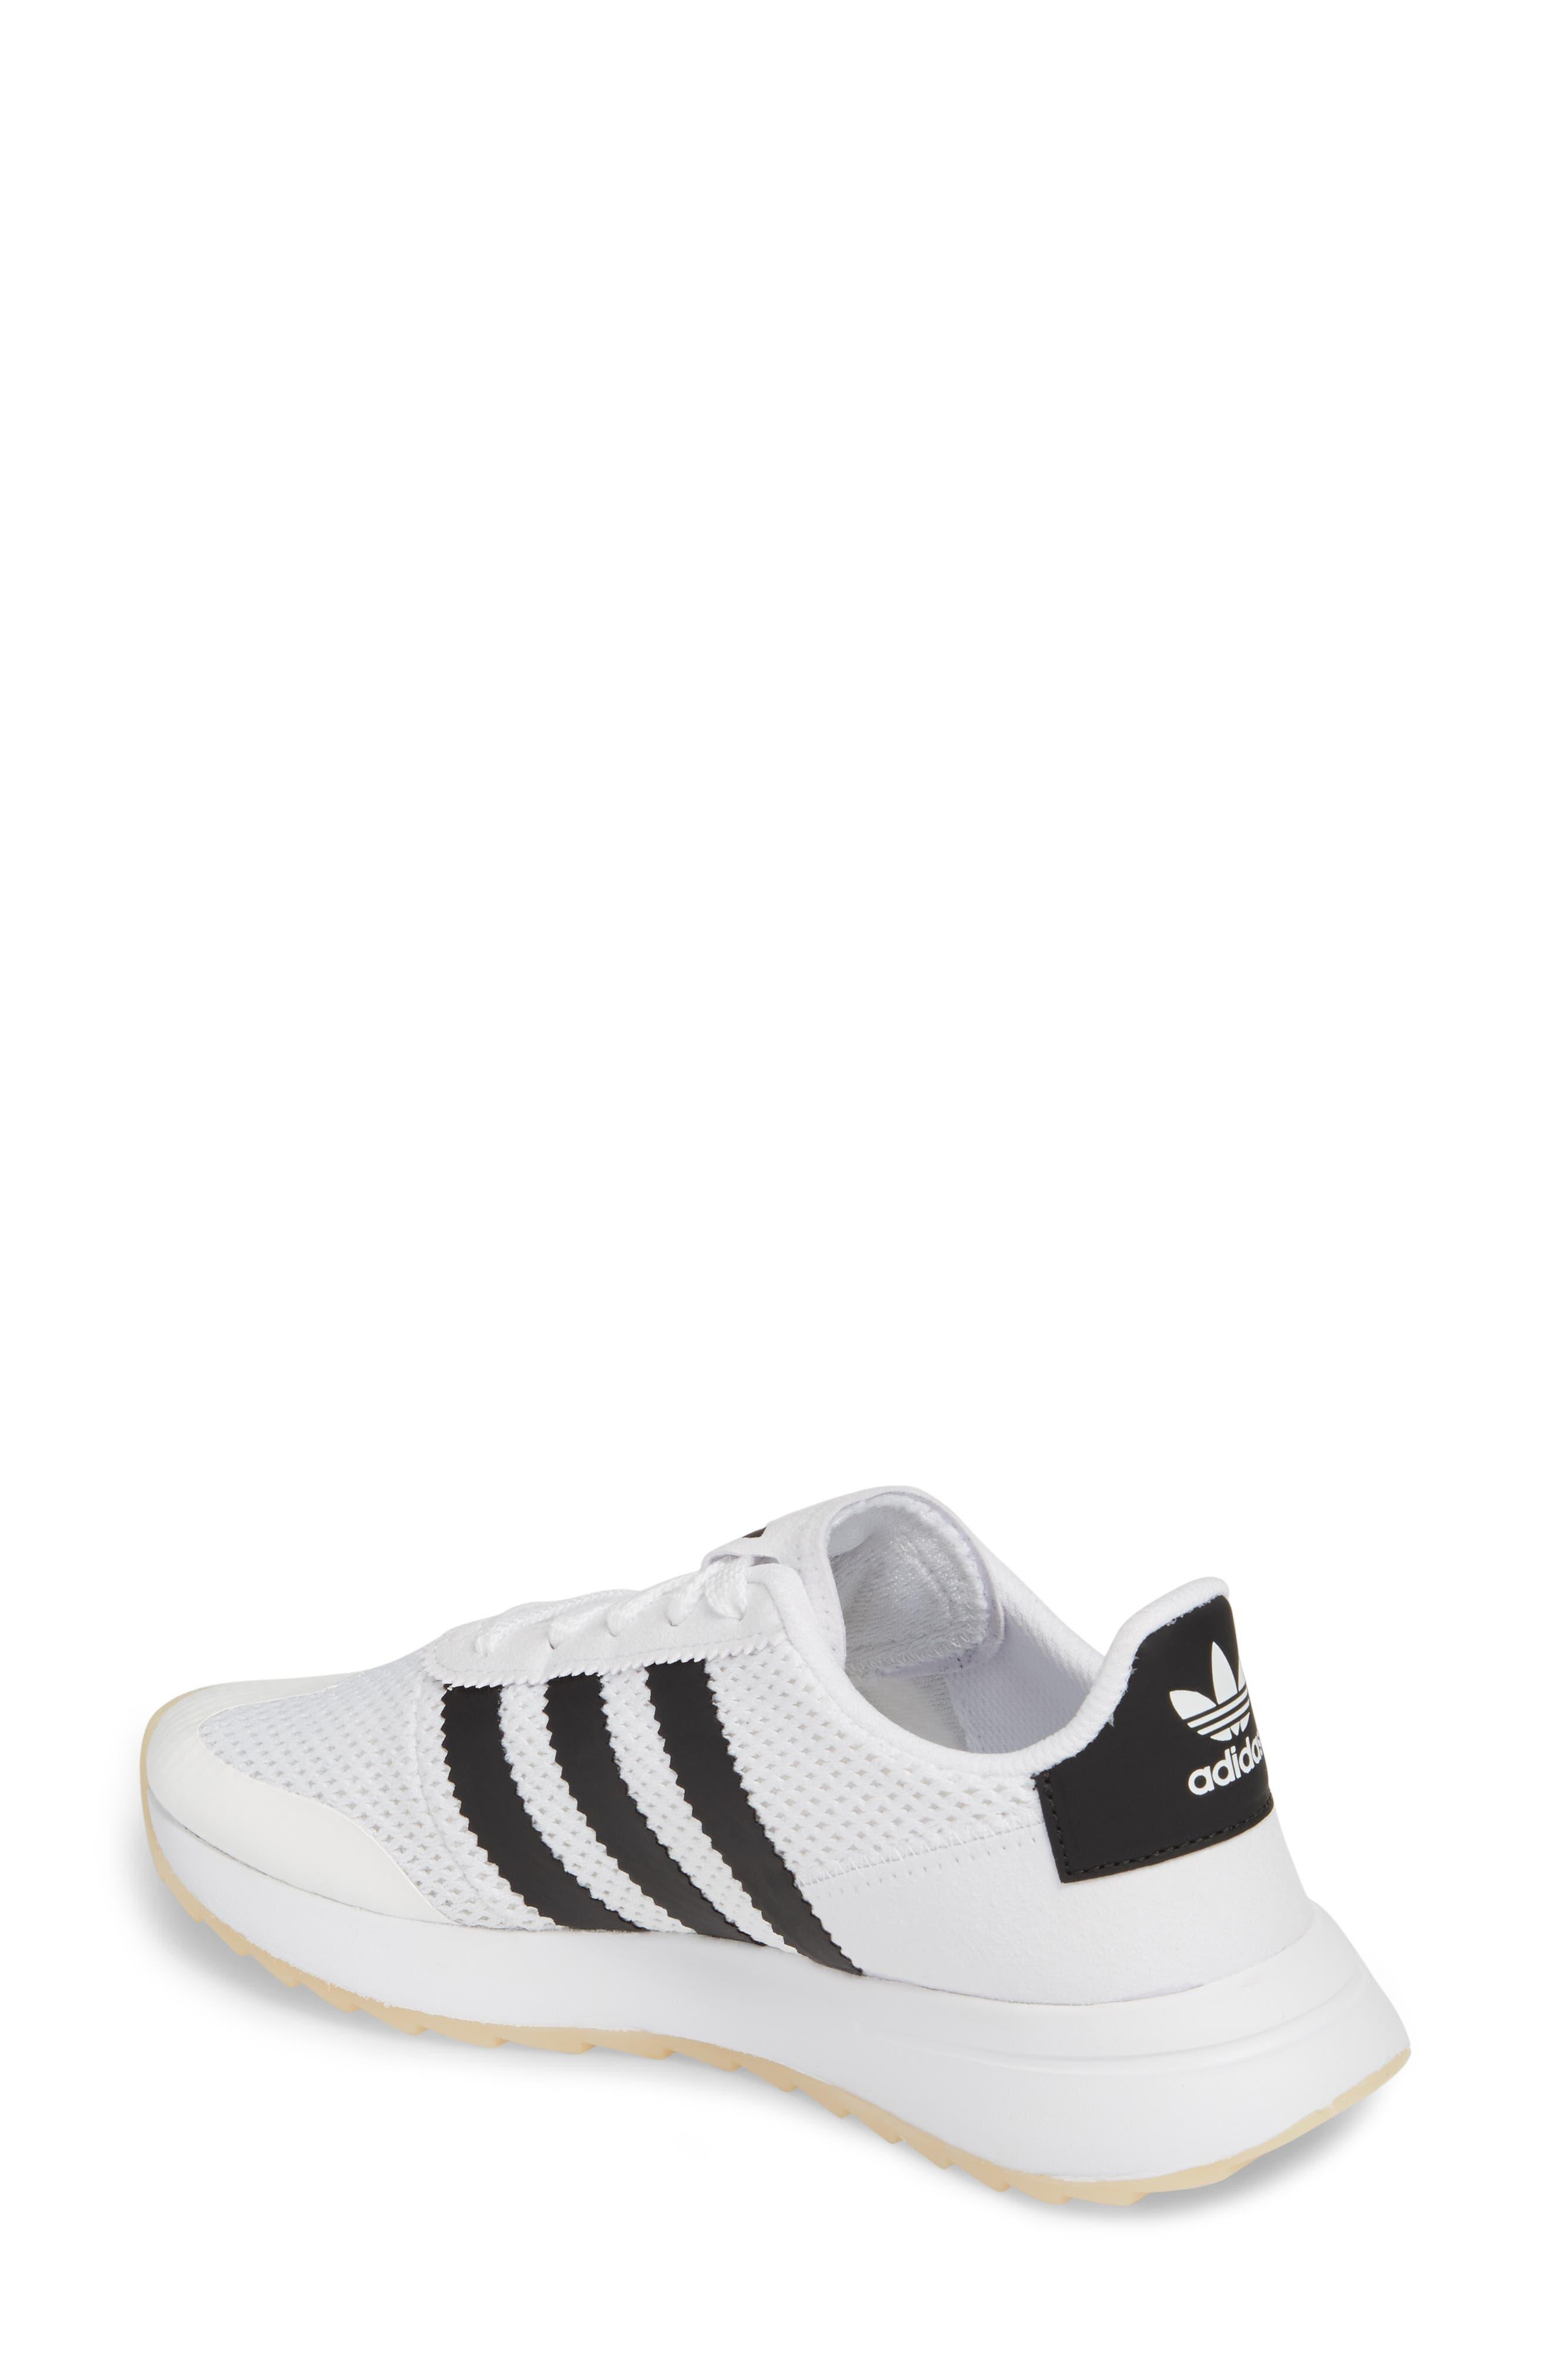 Flashback Sneaker,                             Alternate thumbnail 4, color,